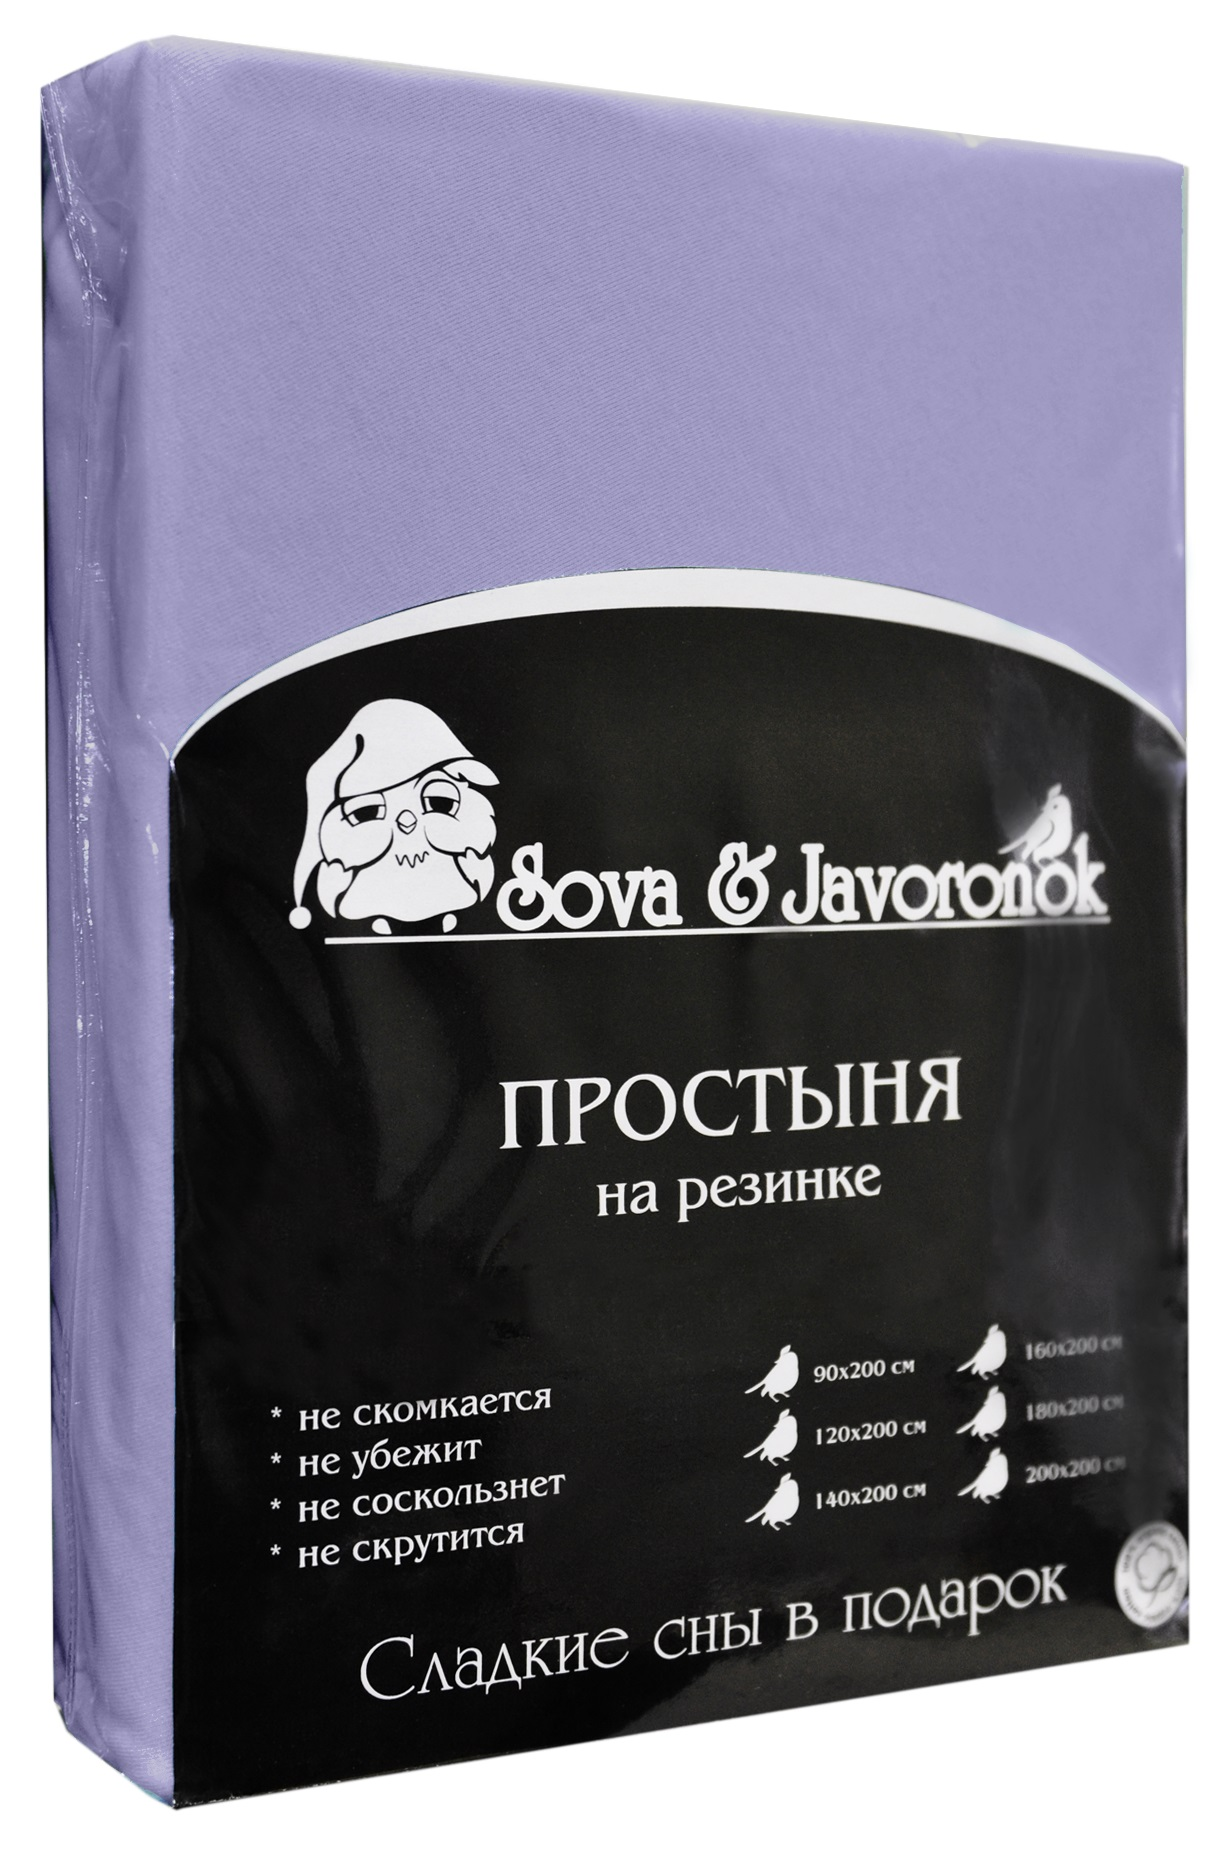 Простыня на резинке Sova & Javoronok, цвет: фиолетовый, 120 см х 200 см08030115588Простыня на резинке Sova & Javoronok, изготовленная из трикотажной ткани (100% хлопок), будет превосходно смотреться с любыми комплектами белья. Хлопчатобумажный трикотаж по праву считается одним из самых качественных, прочных и при этом приятных на ощупь. Его гигиеничность позволяет использовать простыню и в детских комнатах, к тому же 100%-ый хлопок в составе ткани не вызовет аллергии. У трикотажного полотна очень интересная структура, немного рыхлая за счет отсутствия плотного переплетения нитей и наличия особых петель, благодаря этому простыня Сова и Жаворонок отлично пропускает воздух и способствует его постоянной циркуляции. Поэтому ваша постель будет всегда оставаться свежей. Но главное и, пожалуй, самое известное свойство трикотажа - это его великолепная растяжимость, поэтому эта ткань и была выбрана для натяжной простыни на резинке.Простыня прошита резинкой по всему периметру, что обеспечивает более комфортный отдых, так как она прочно удерживается на матрасе и избавляет от необходимости часто поправлять простыню.